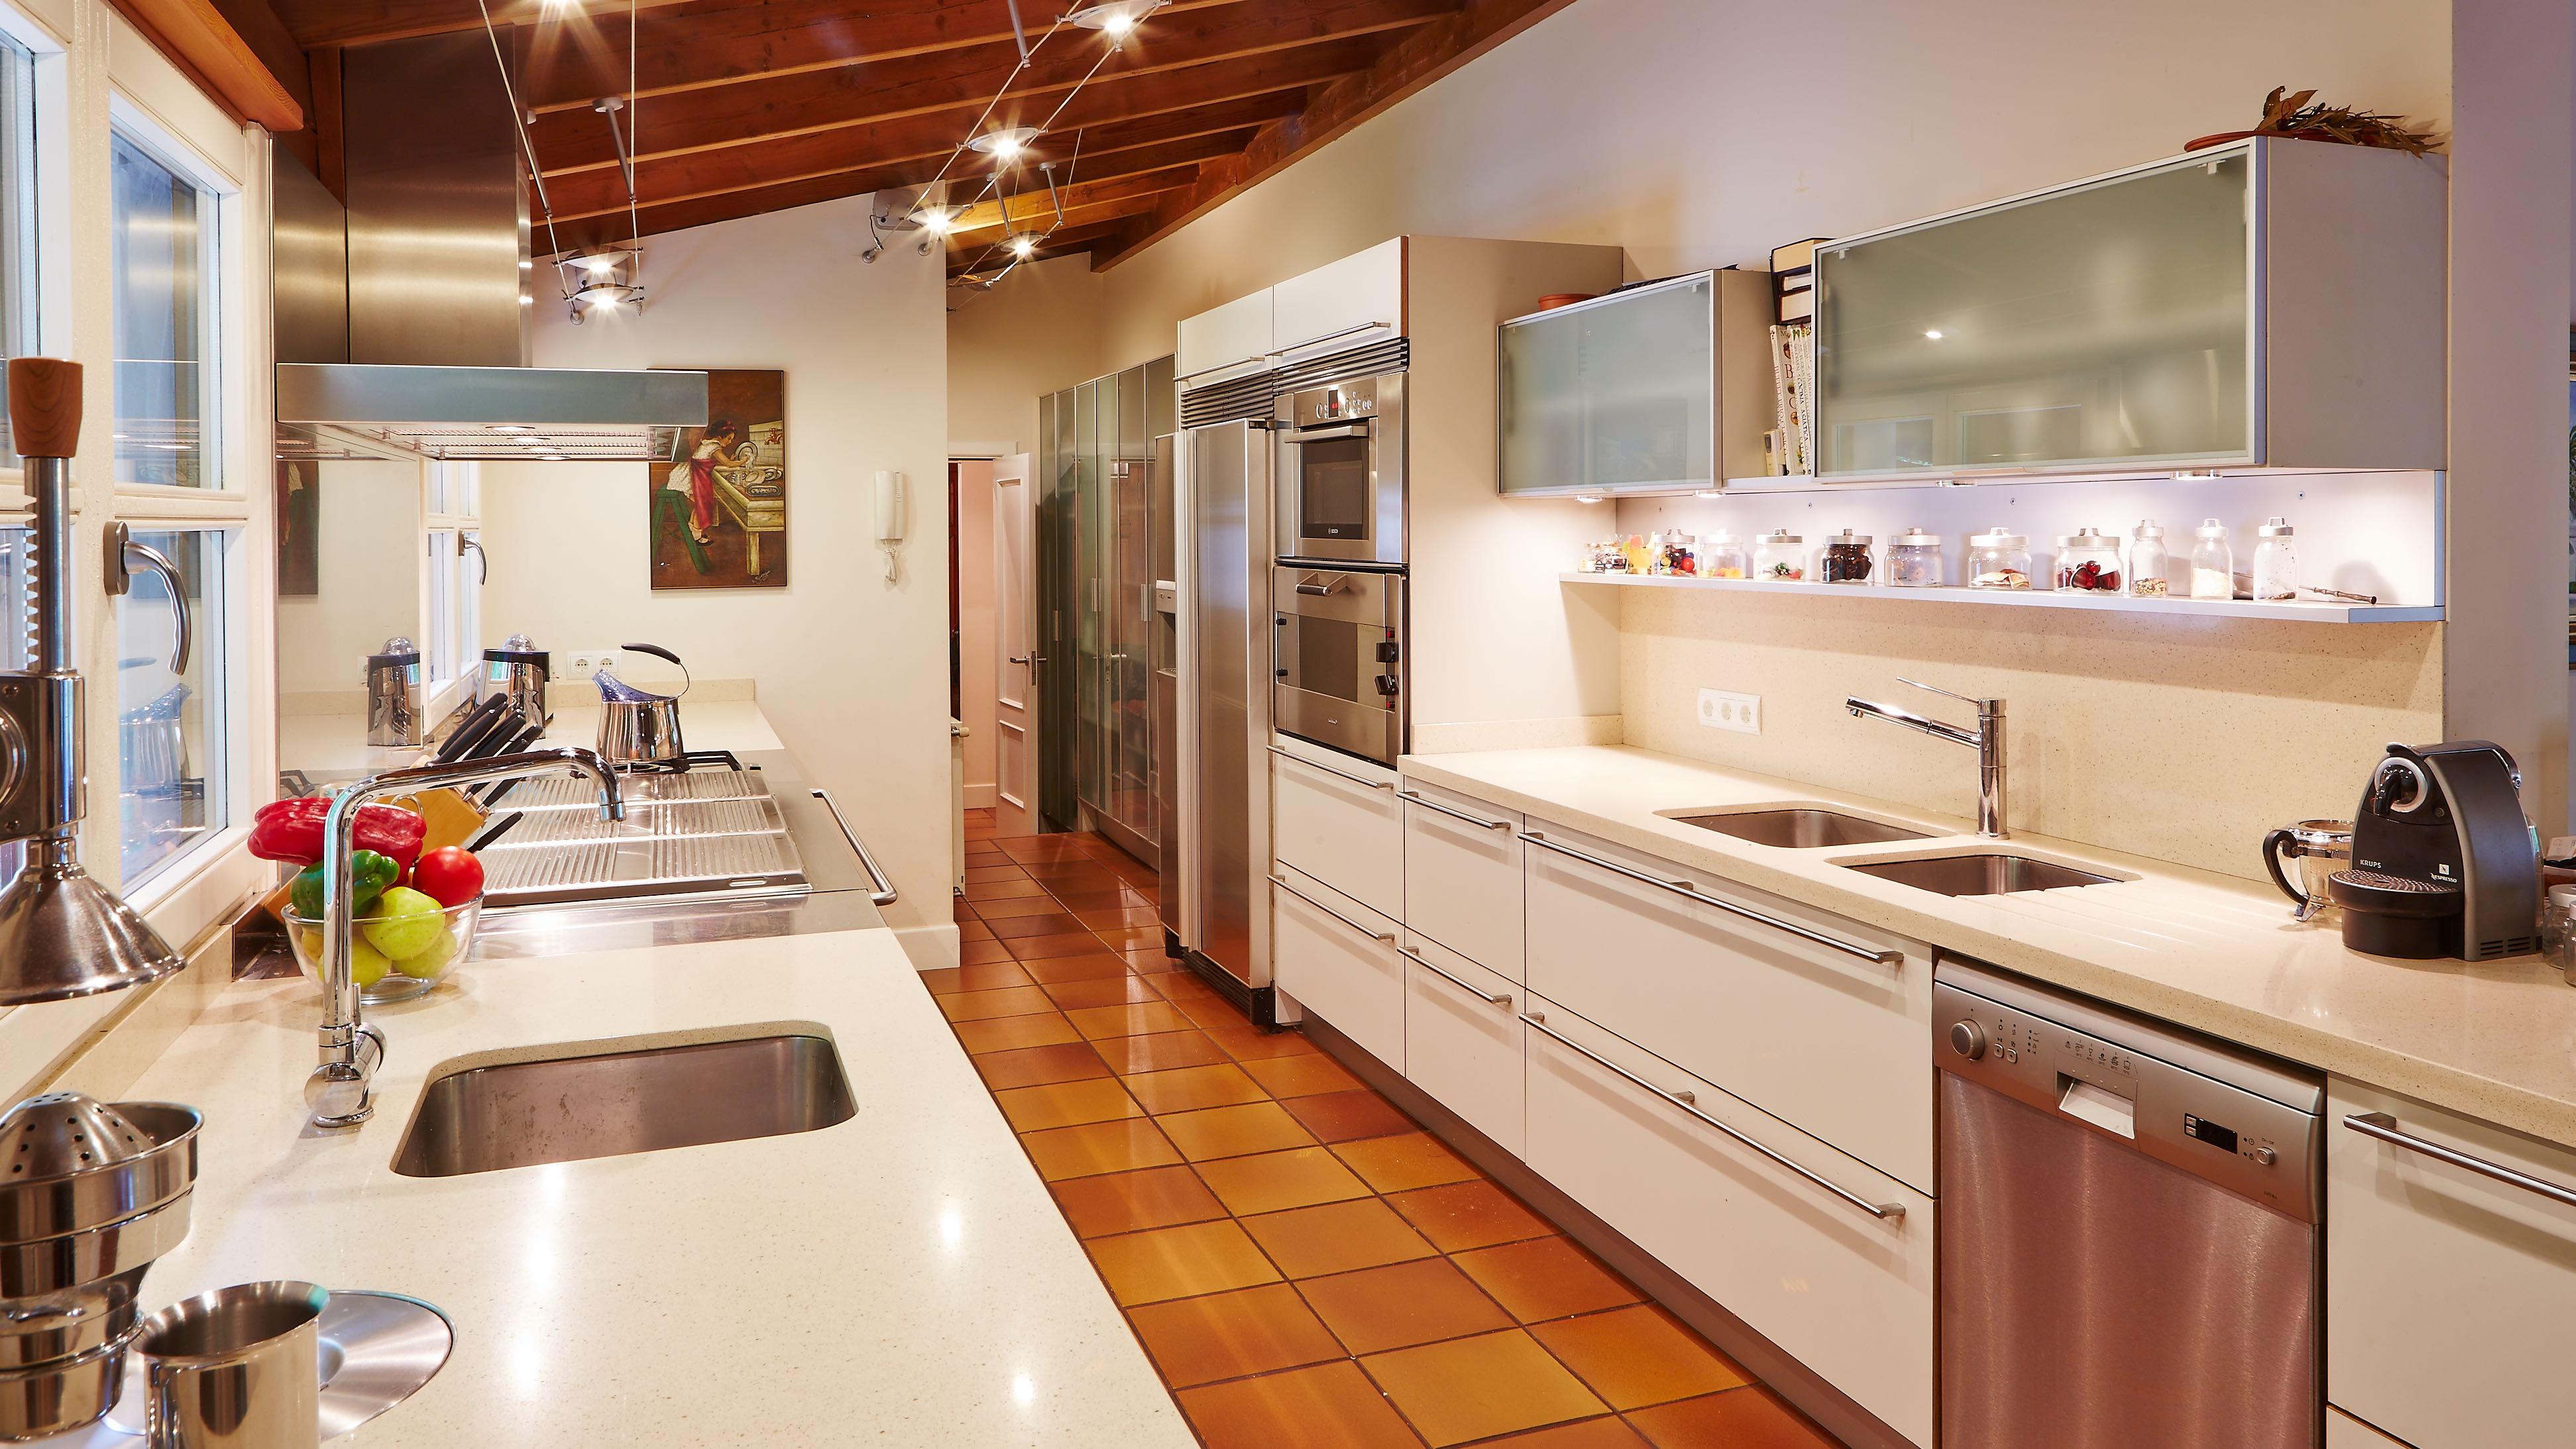 Exclusiva propiedad en santiago de compostela nique - Cocinas en santiago de compostela ...